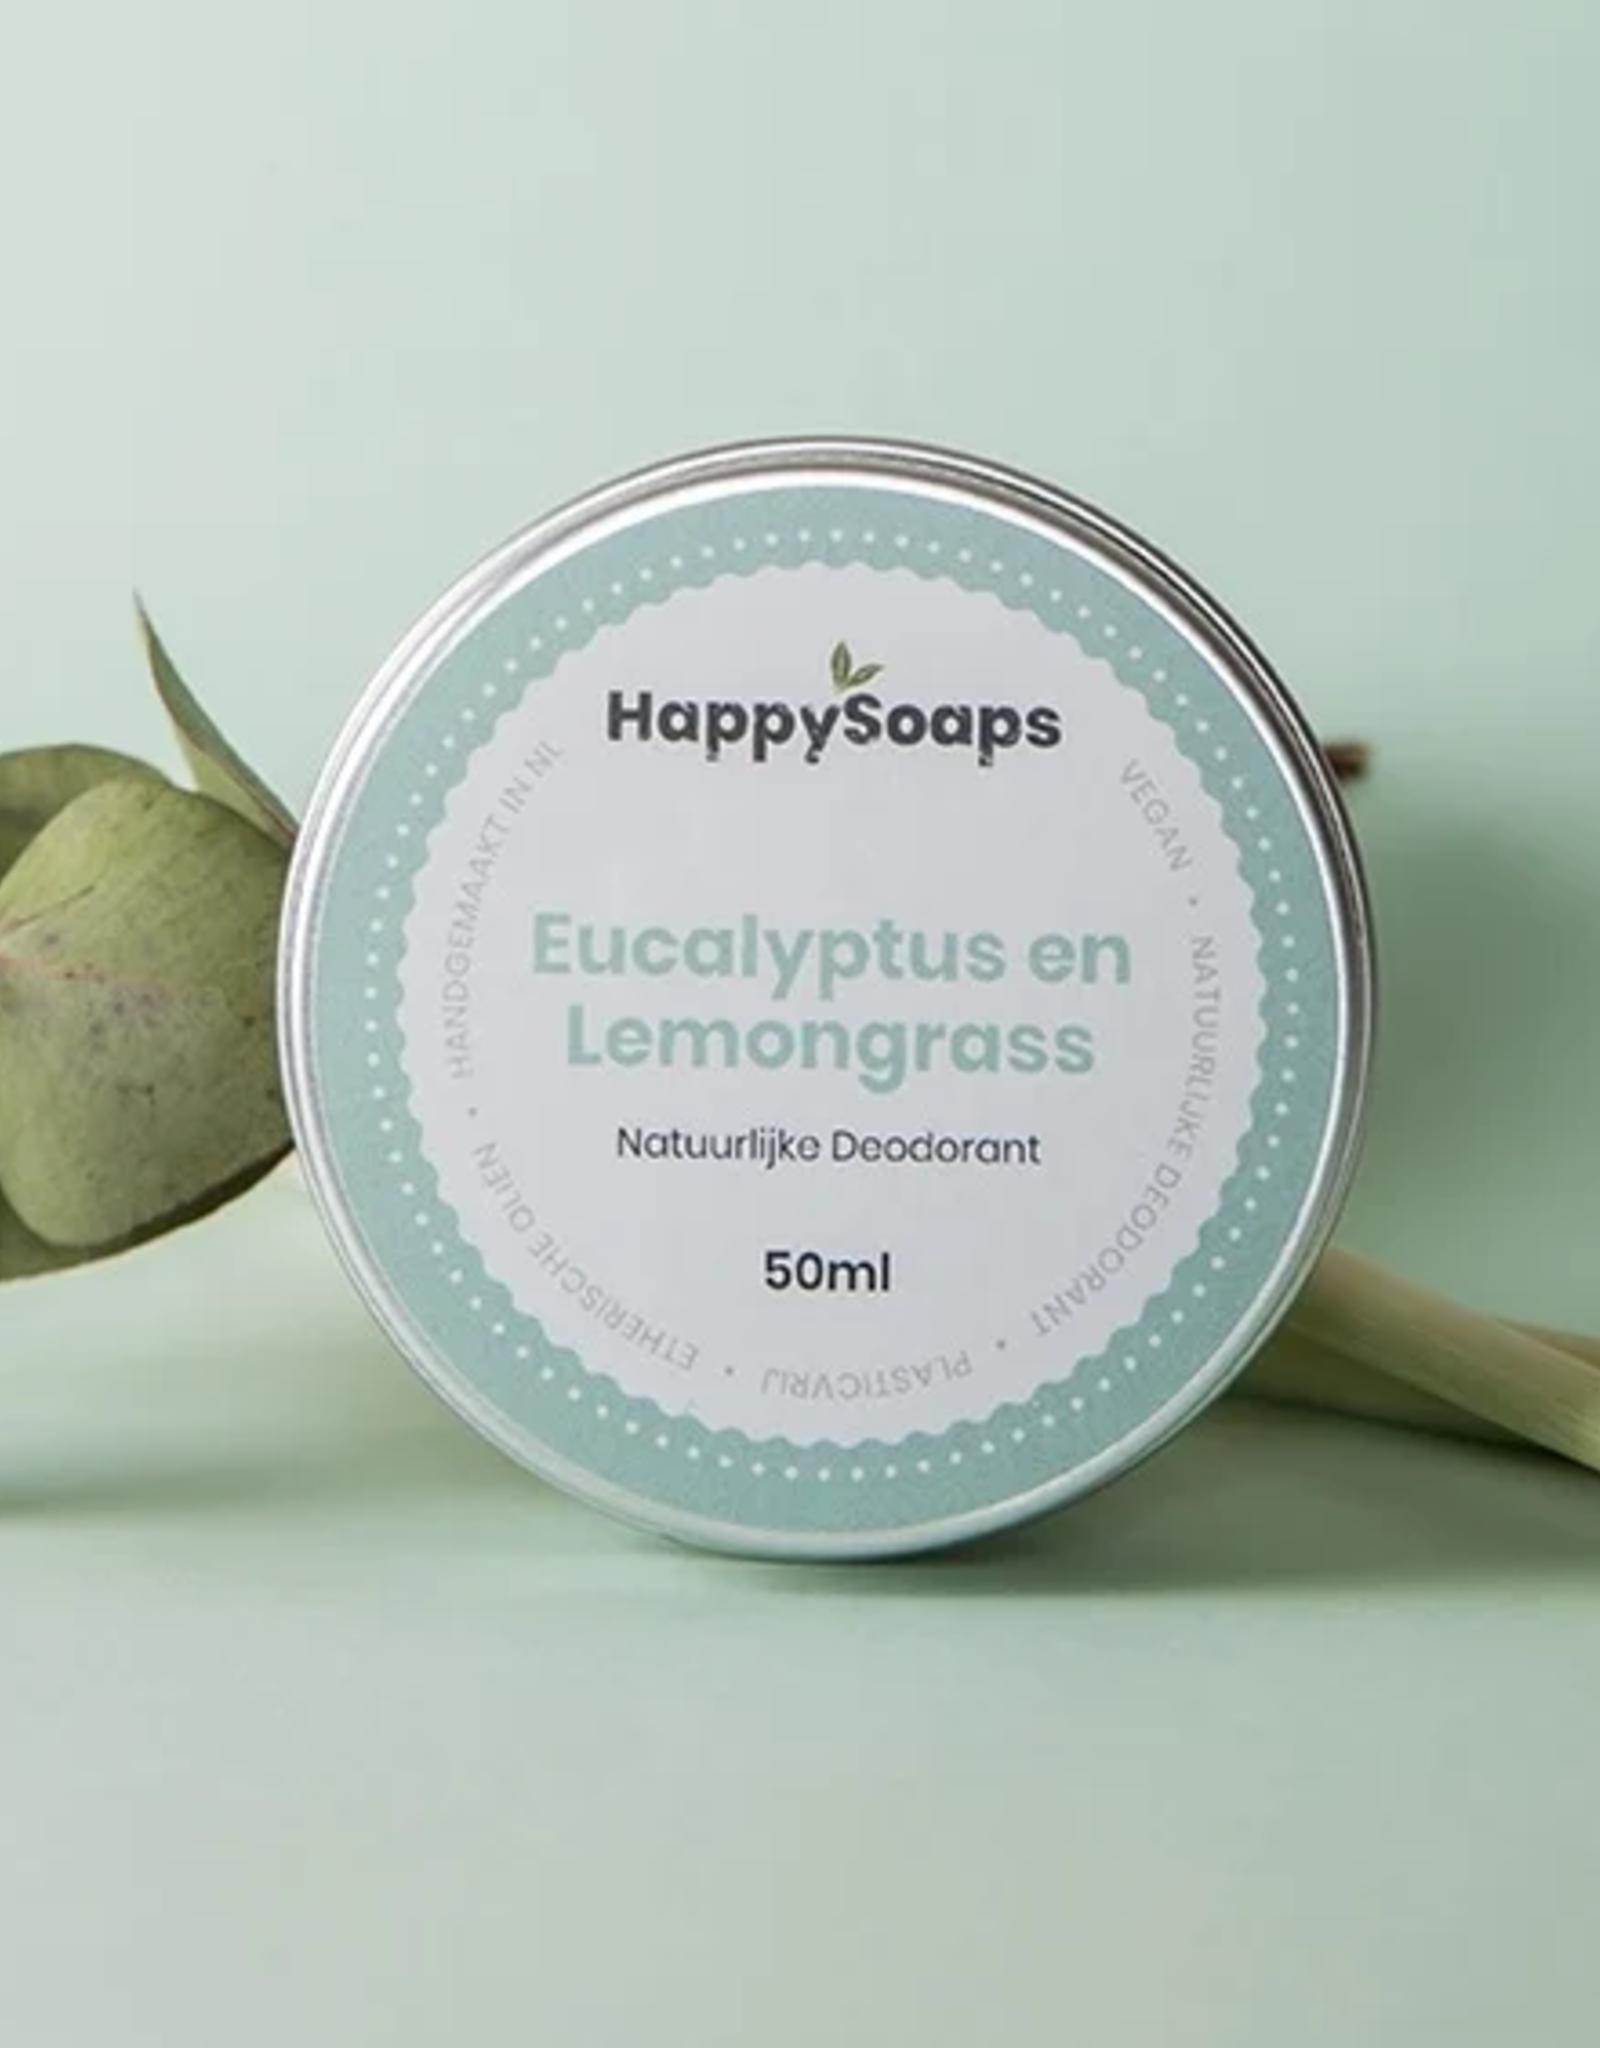 HappySoaps Deodorant Eucalyptus en Lemongrass - HappySoaps